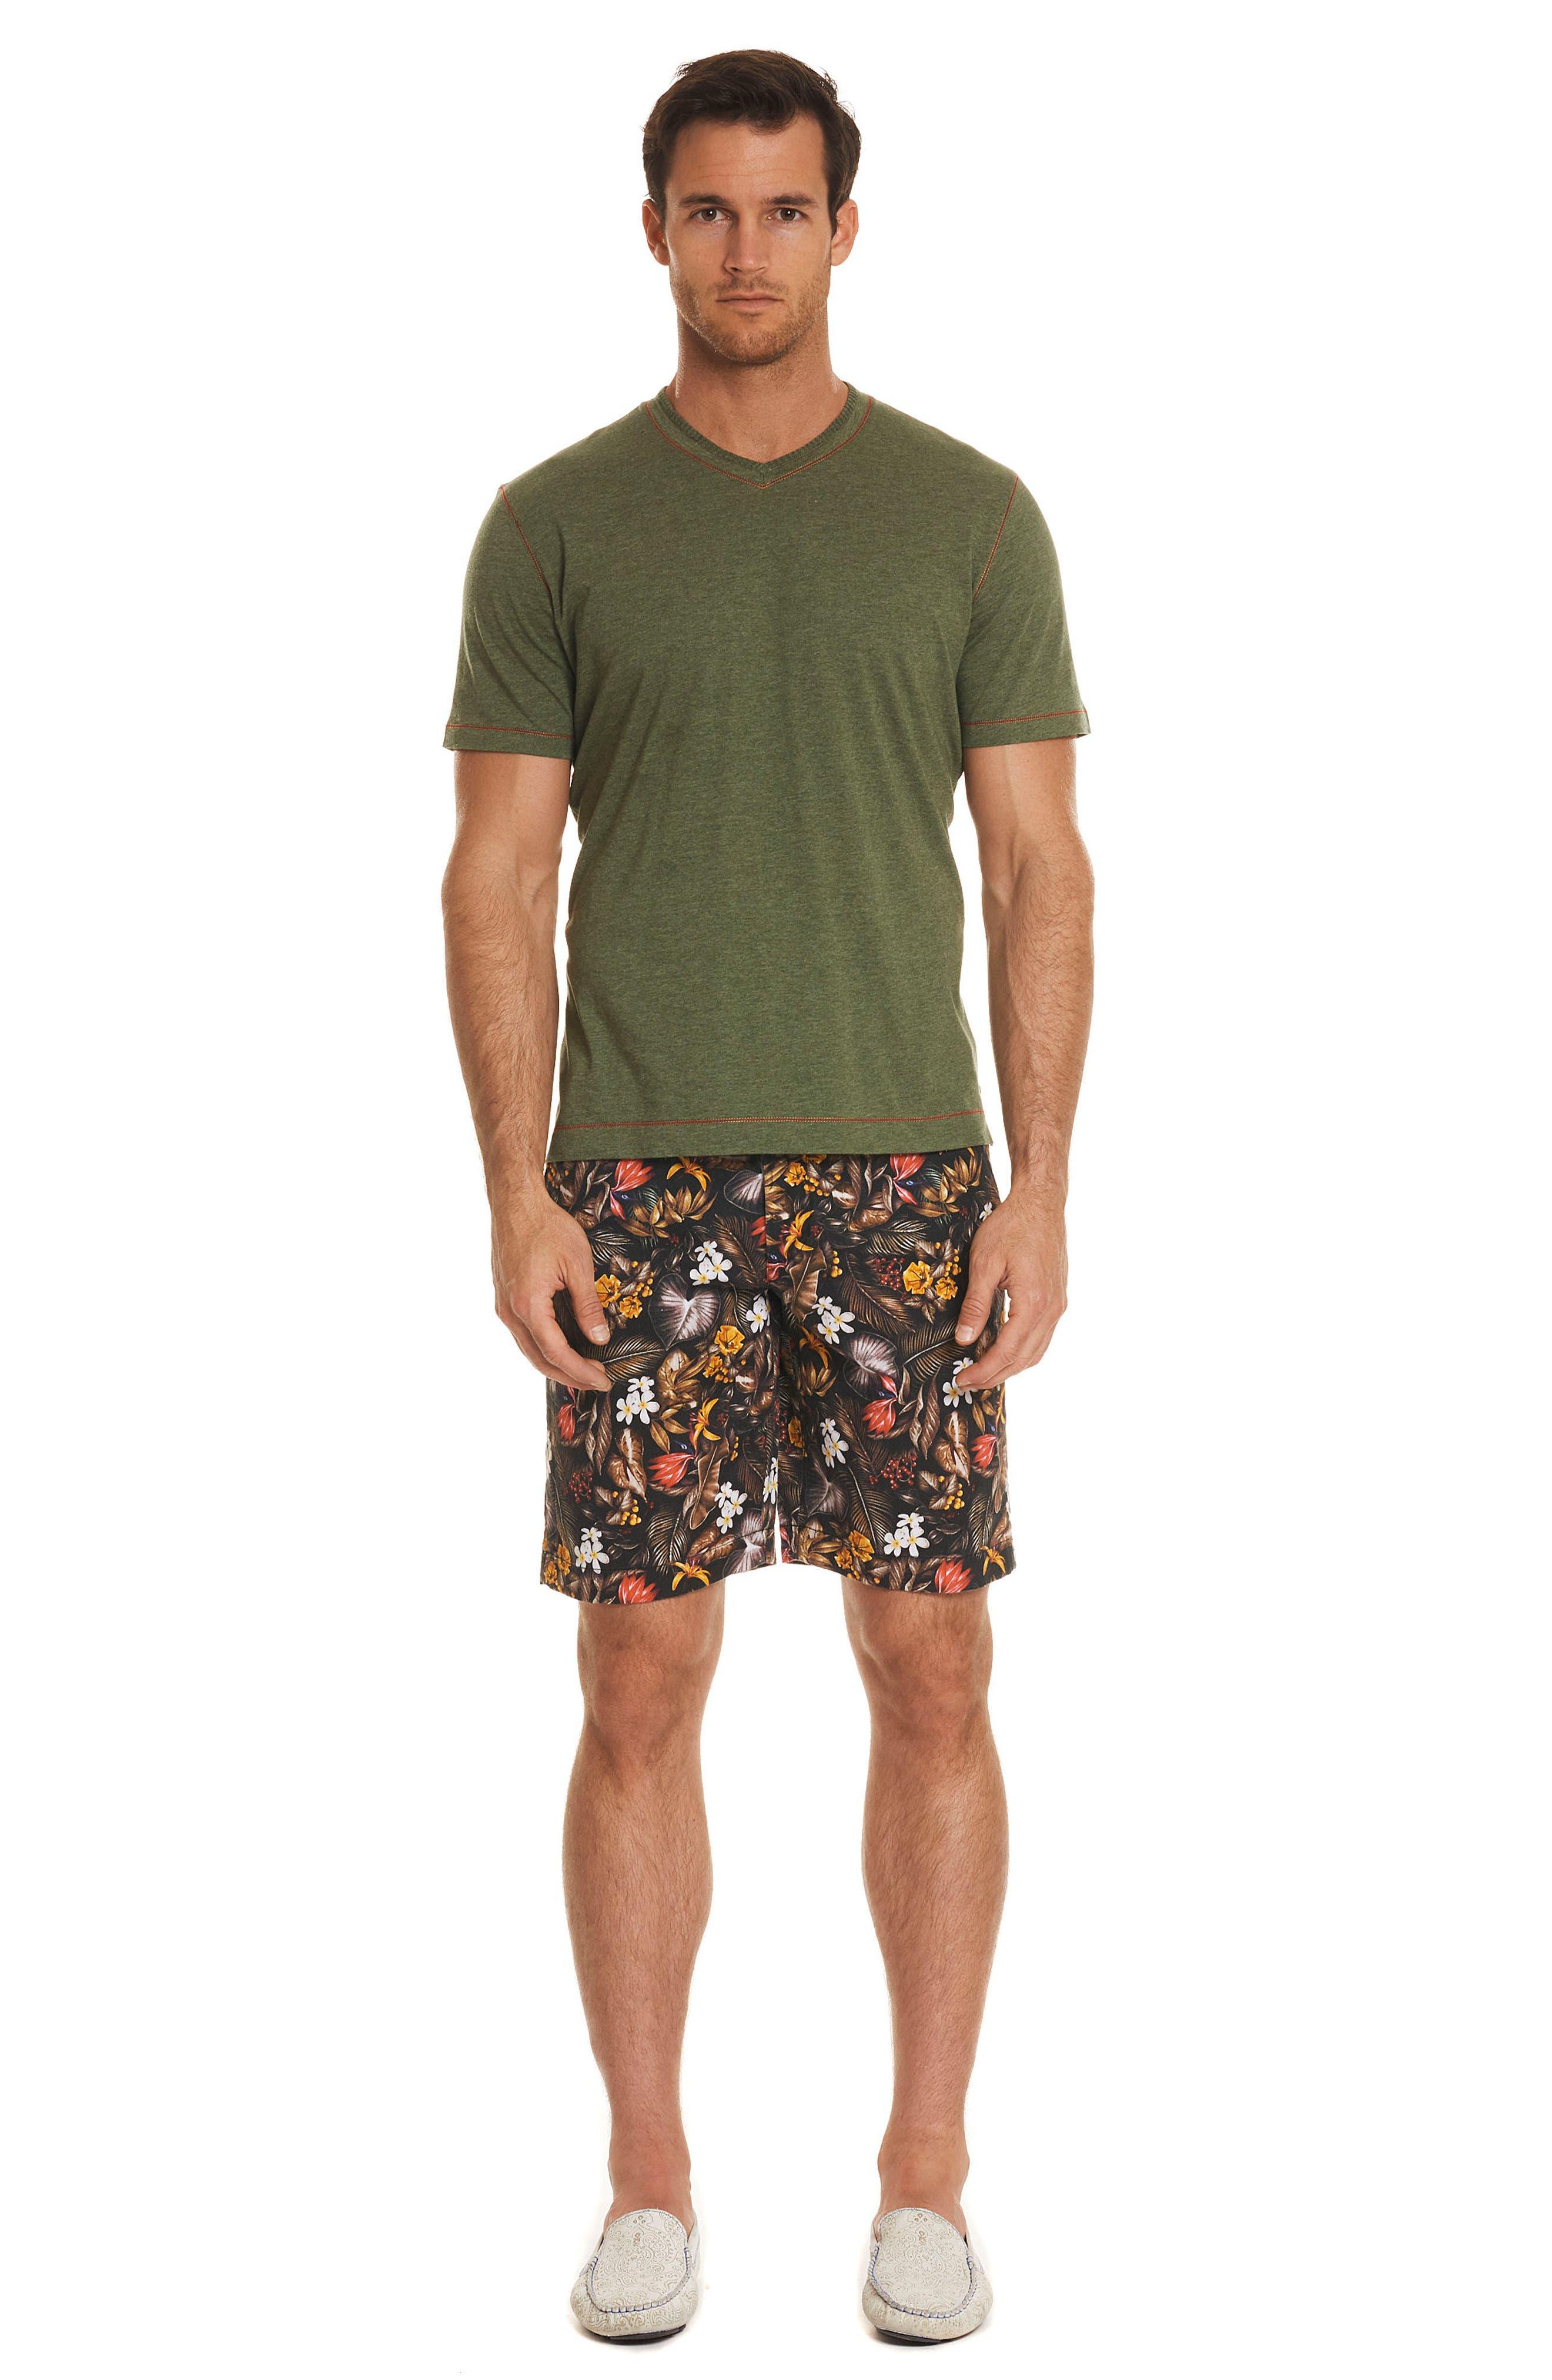 Maracas Woven Shorts,                             Alternate thumbnail 7, color,                             200